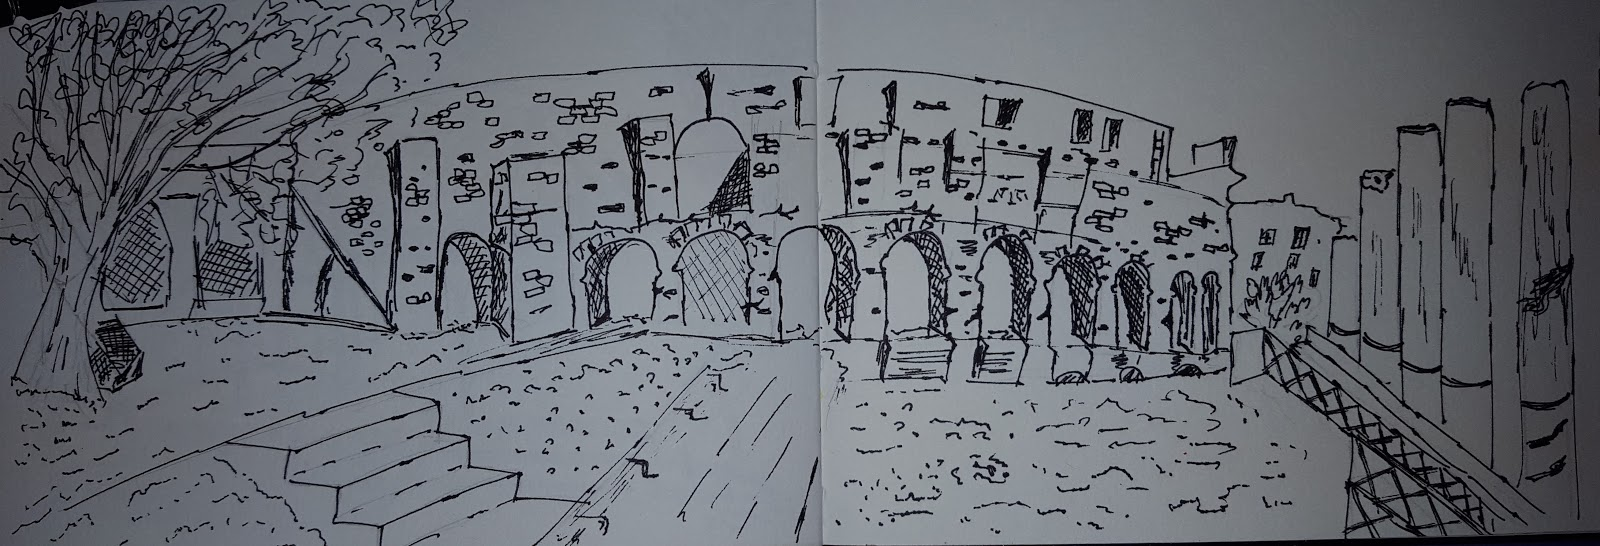 urban sketch of colossum